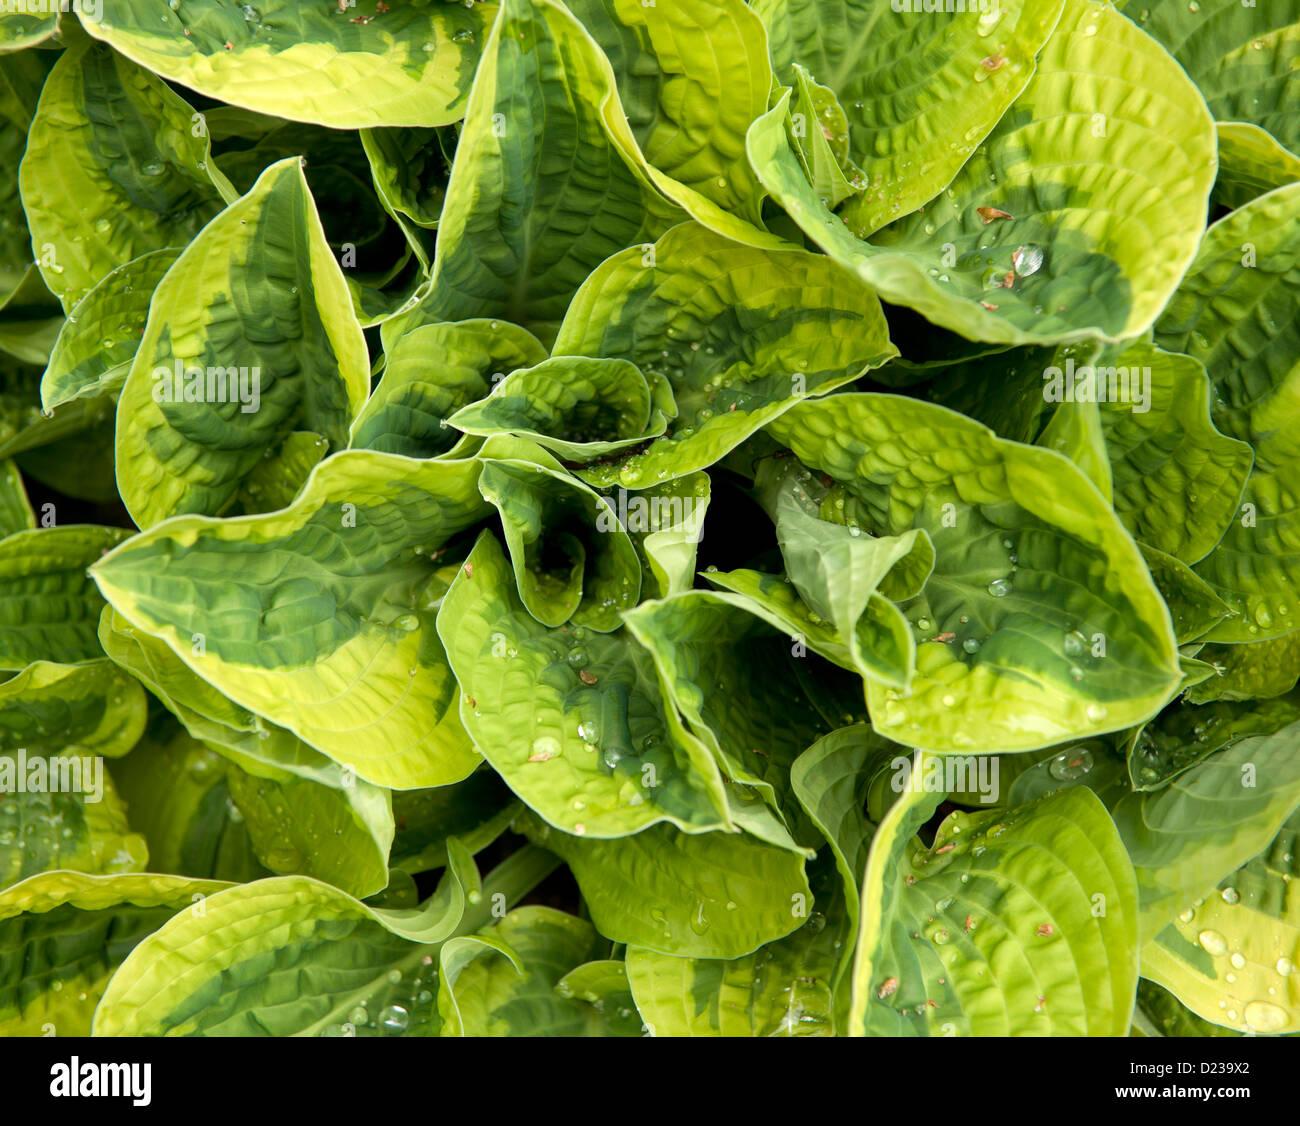 Un impianto di hosta con foglie variegata Immagini Stock